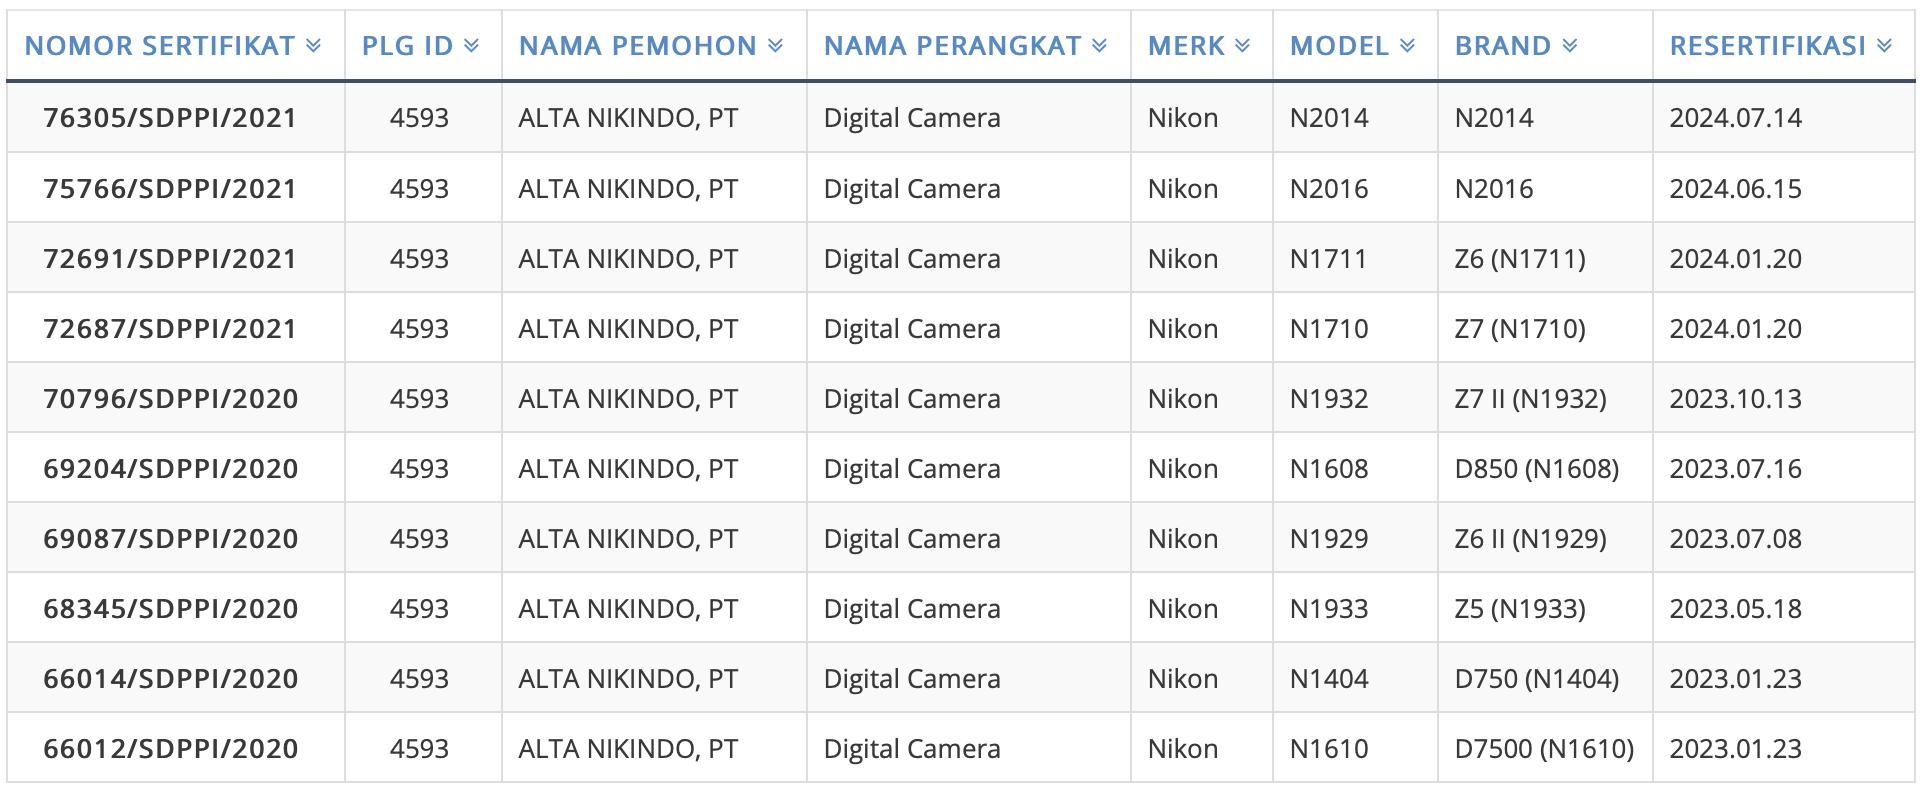 La fotocamera Nikon non ancora annunciata N2014 registrata in Indonesia